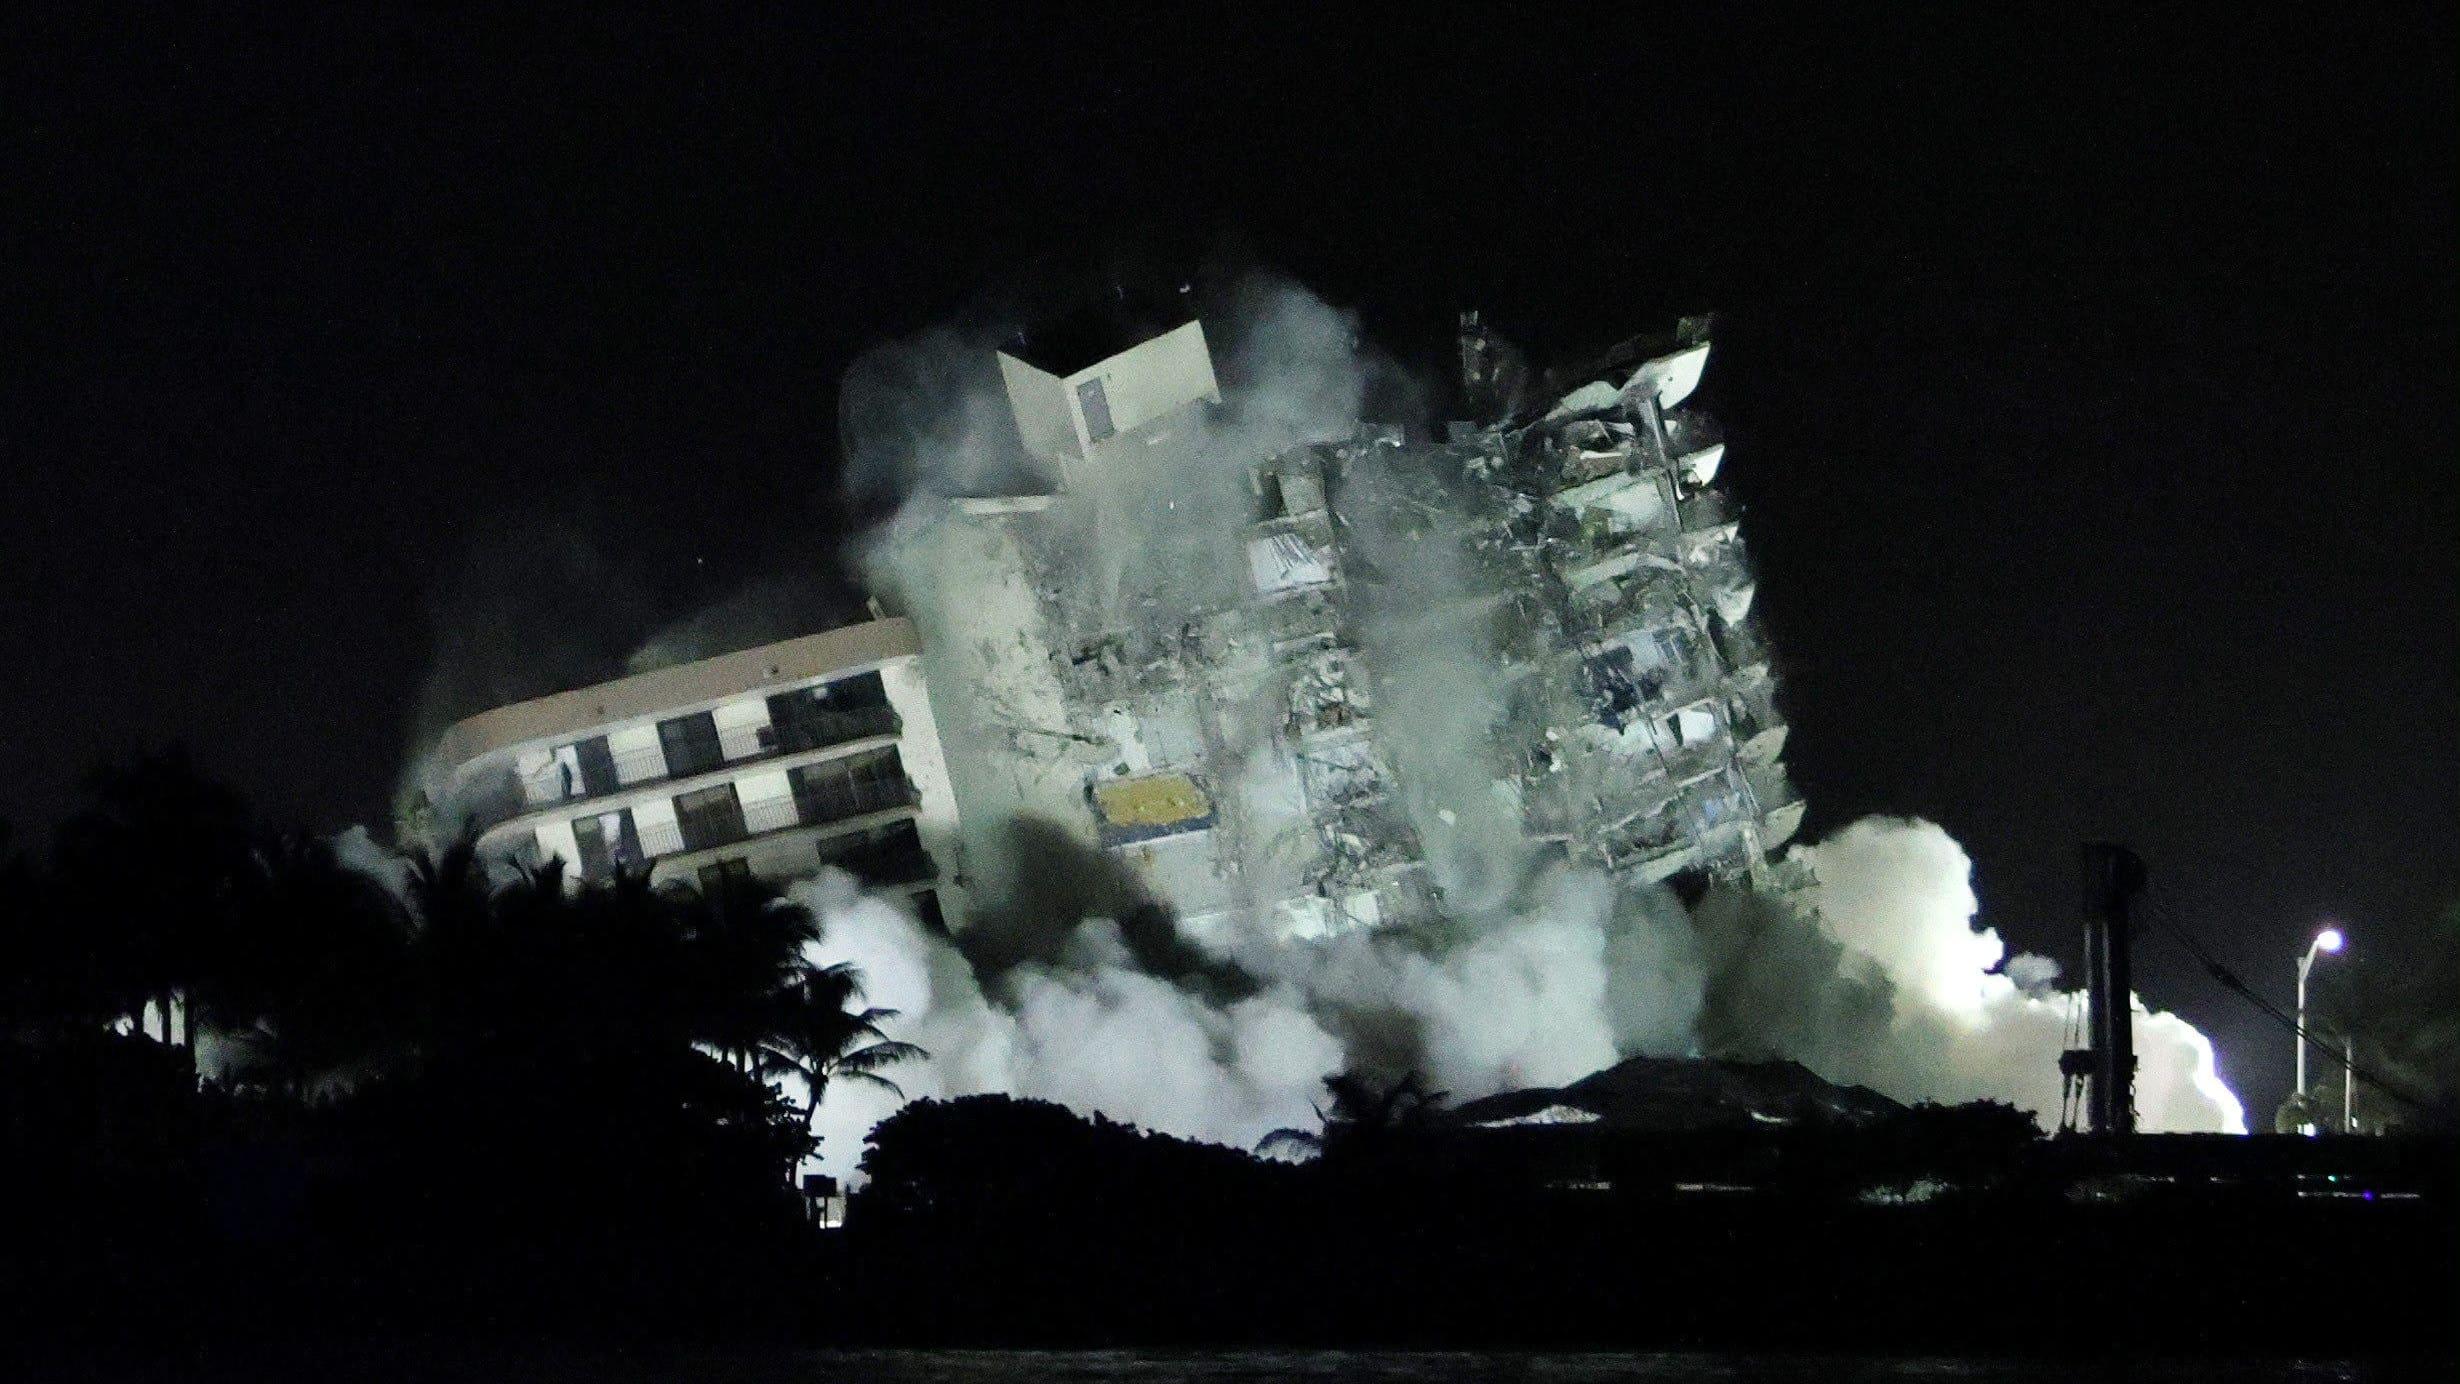 Floridassa osittain romahtanut talo räjäytettiin maan tasalle